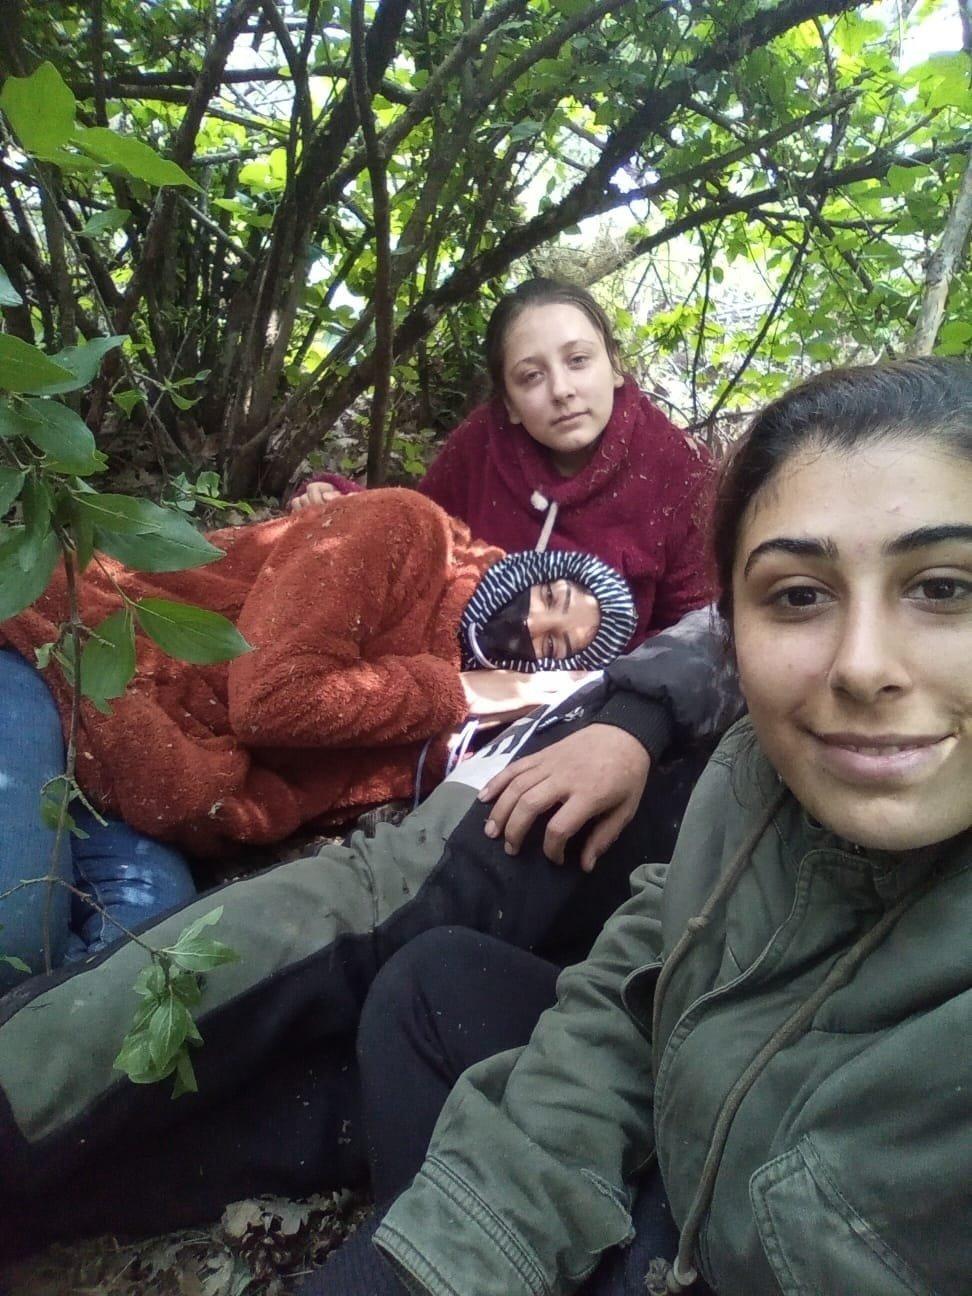 صورة الشقيقتين نودم وايه خلال رحلتهما وسط غابة بين تركيا وبلغاريا رفقة شابة أخرى تسعى للوصول إلى ألمانيا